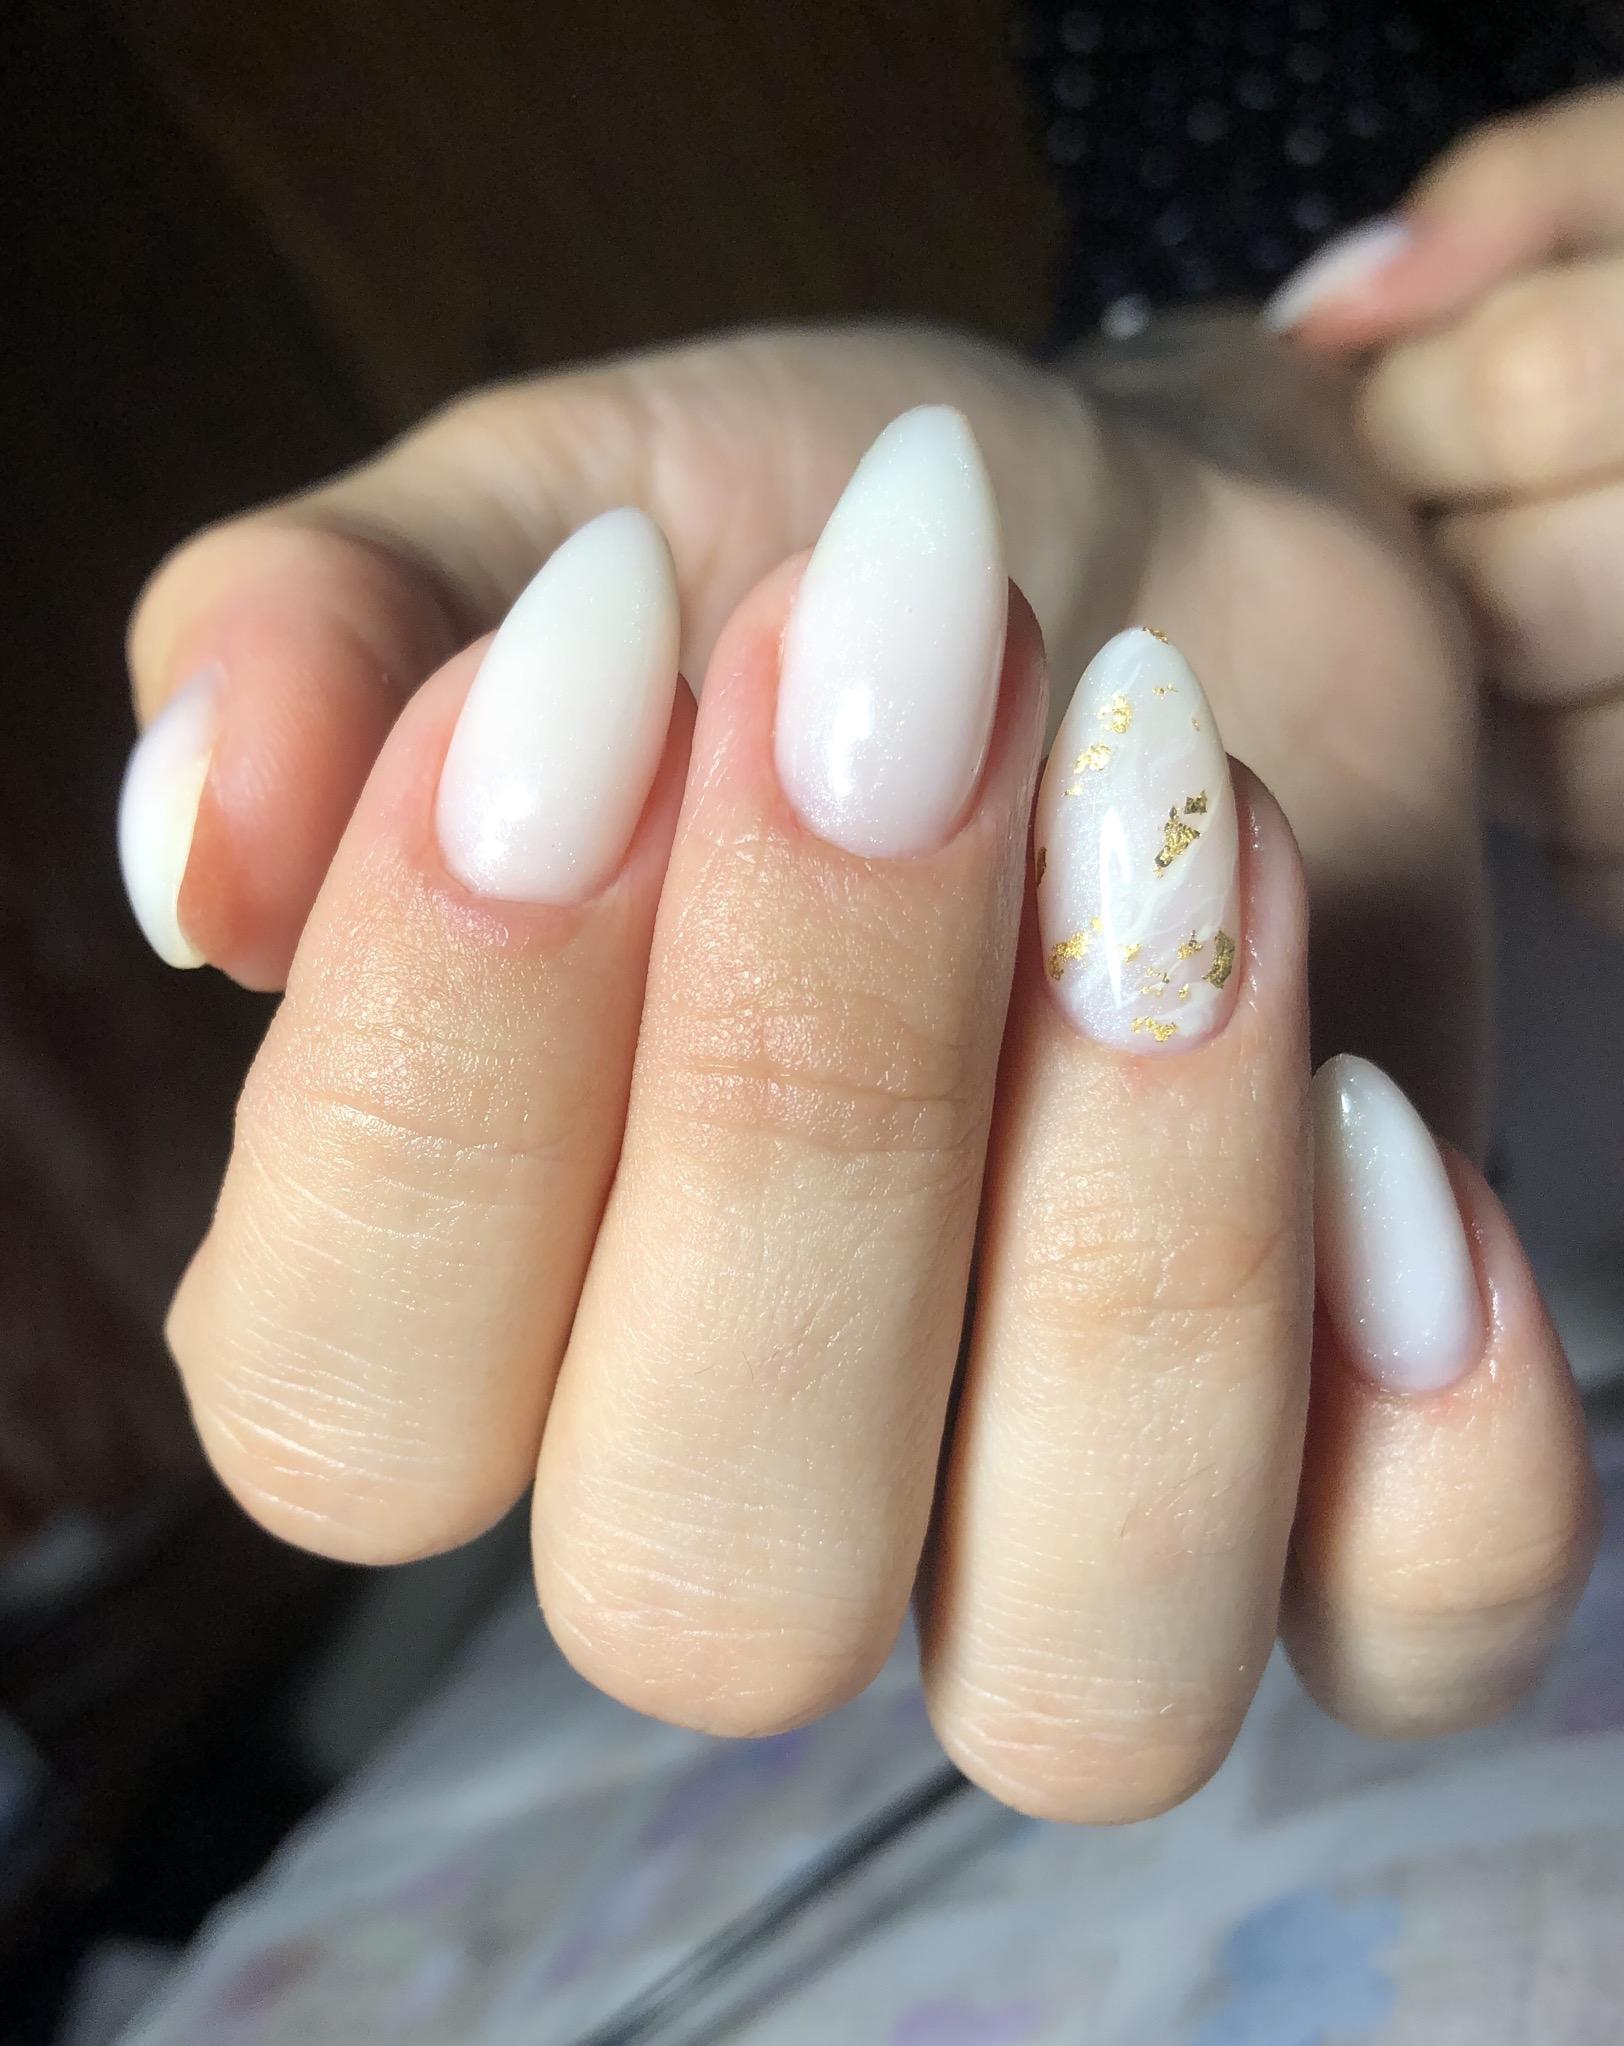 Маникюр с золотой фольгой в молочном цвете на длинные ногти.